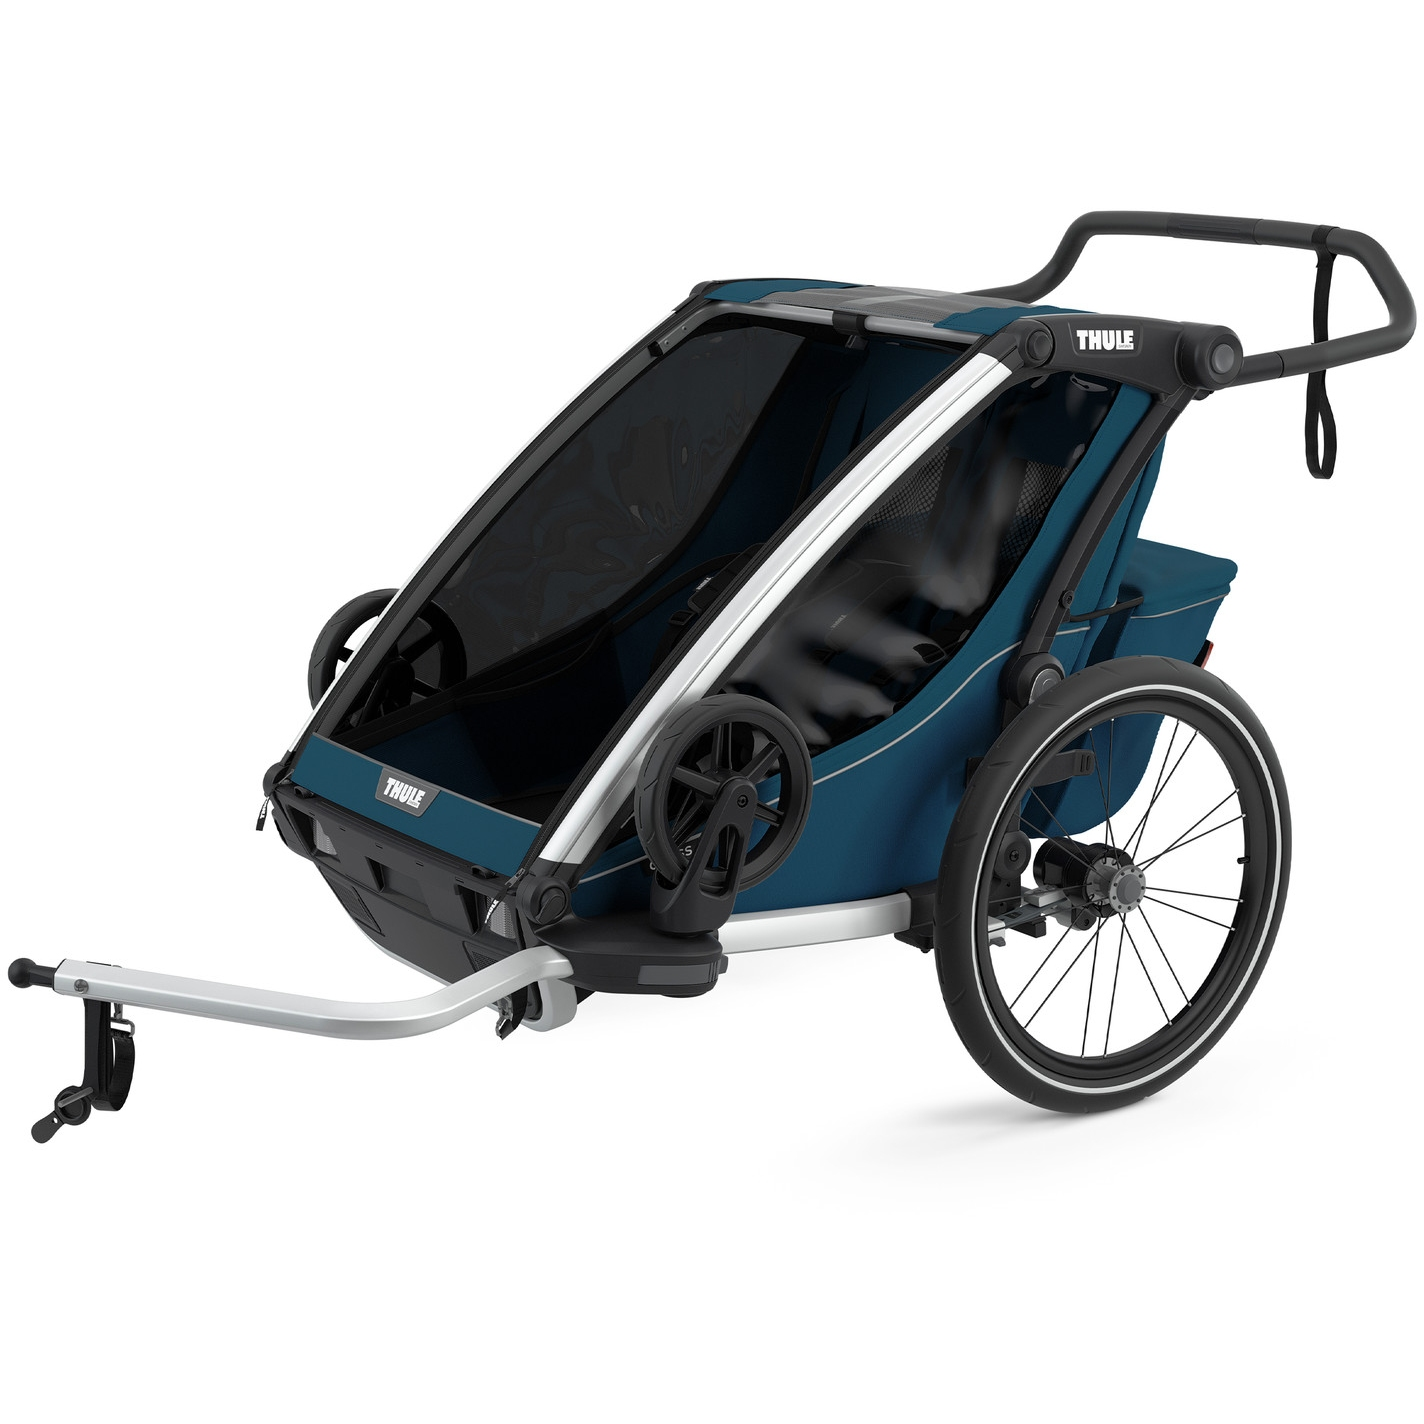 Foto de Thule Chariot Cross 2 - Remolque de bicicleta para 2 niños - majolica blue